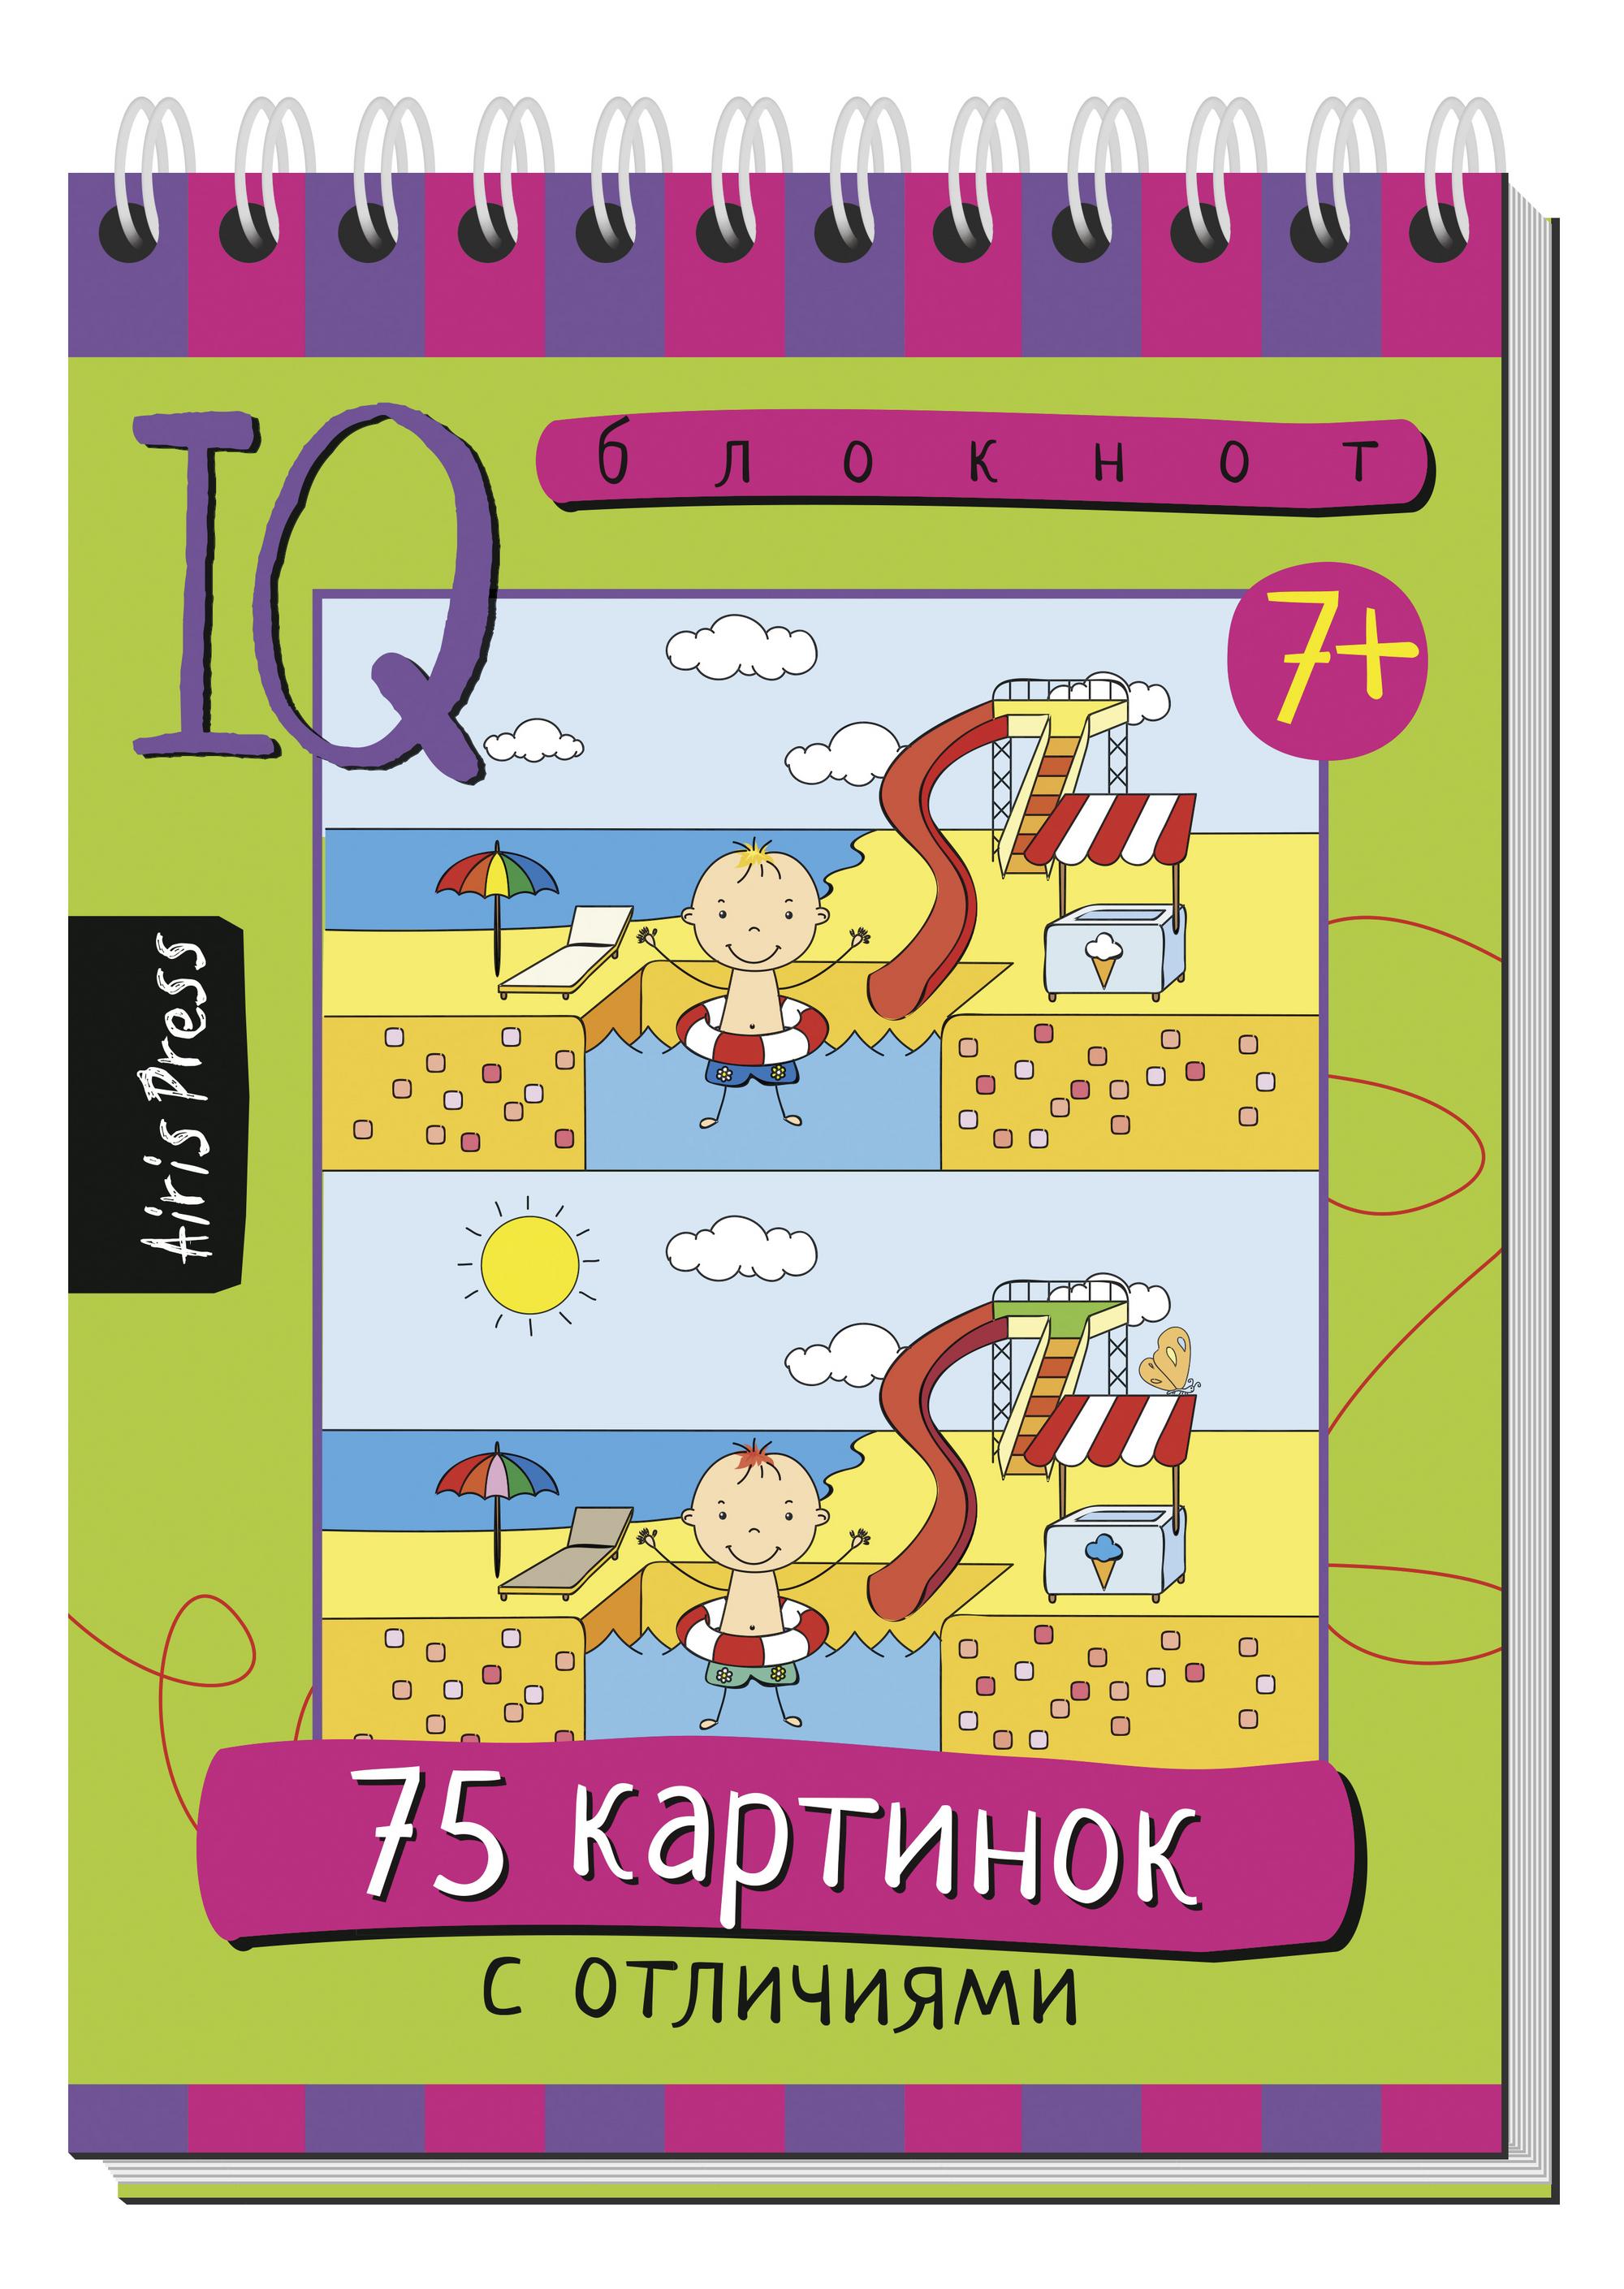 Купить АЙРИС-ПРЕСС Умный блокнот. 75 картинок с отличиями [25687], Обучающие материалы и авторские методики для детей